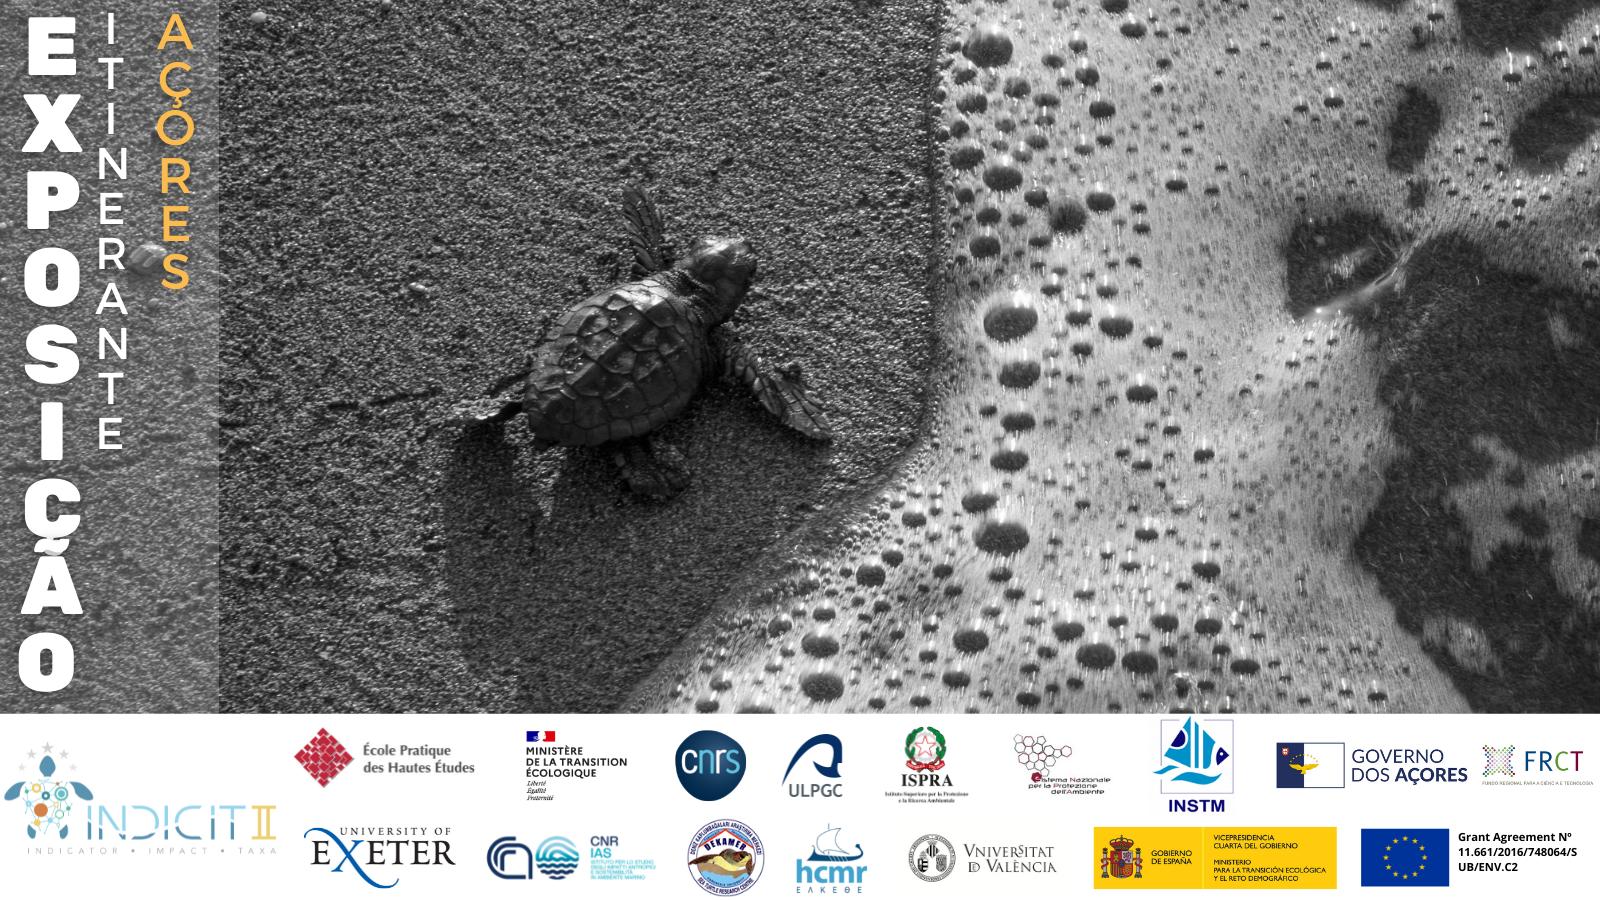 Governo dos Açores promove exposição itinerante sobre o impacto do lixo marinho na biodiversidade